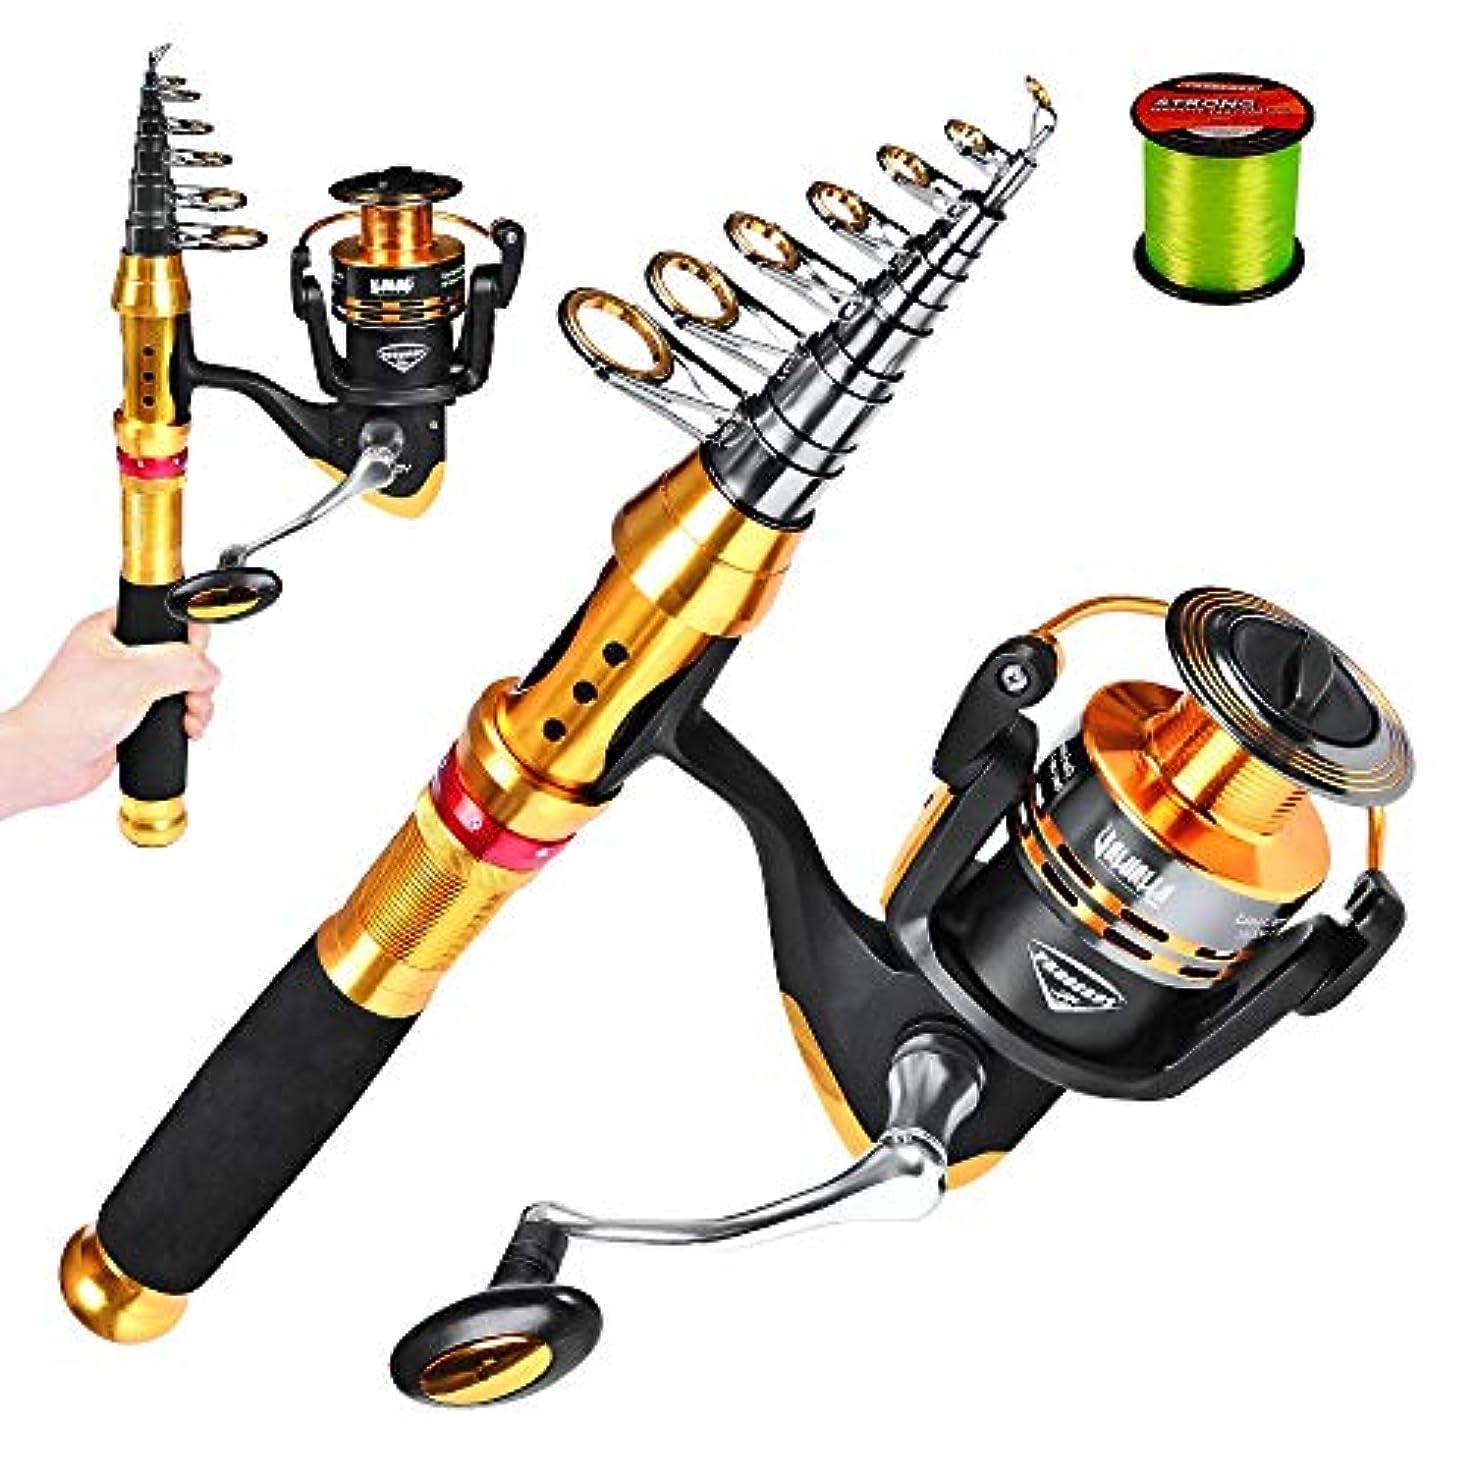 ミシンピクニック貞海釣りセット 4500糸車釣りロッドリールコンボラインフック旅行スタータープロフェッショナルフルセットをスピニングでキットをタックル 初心者 セット (Color : A, Size : 3.6m)